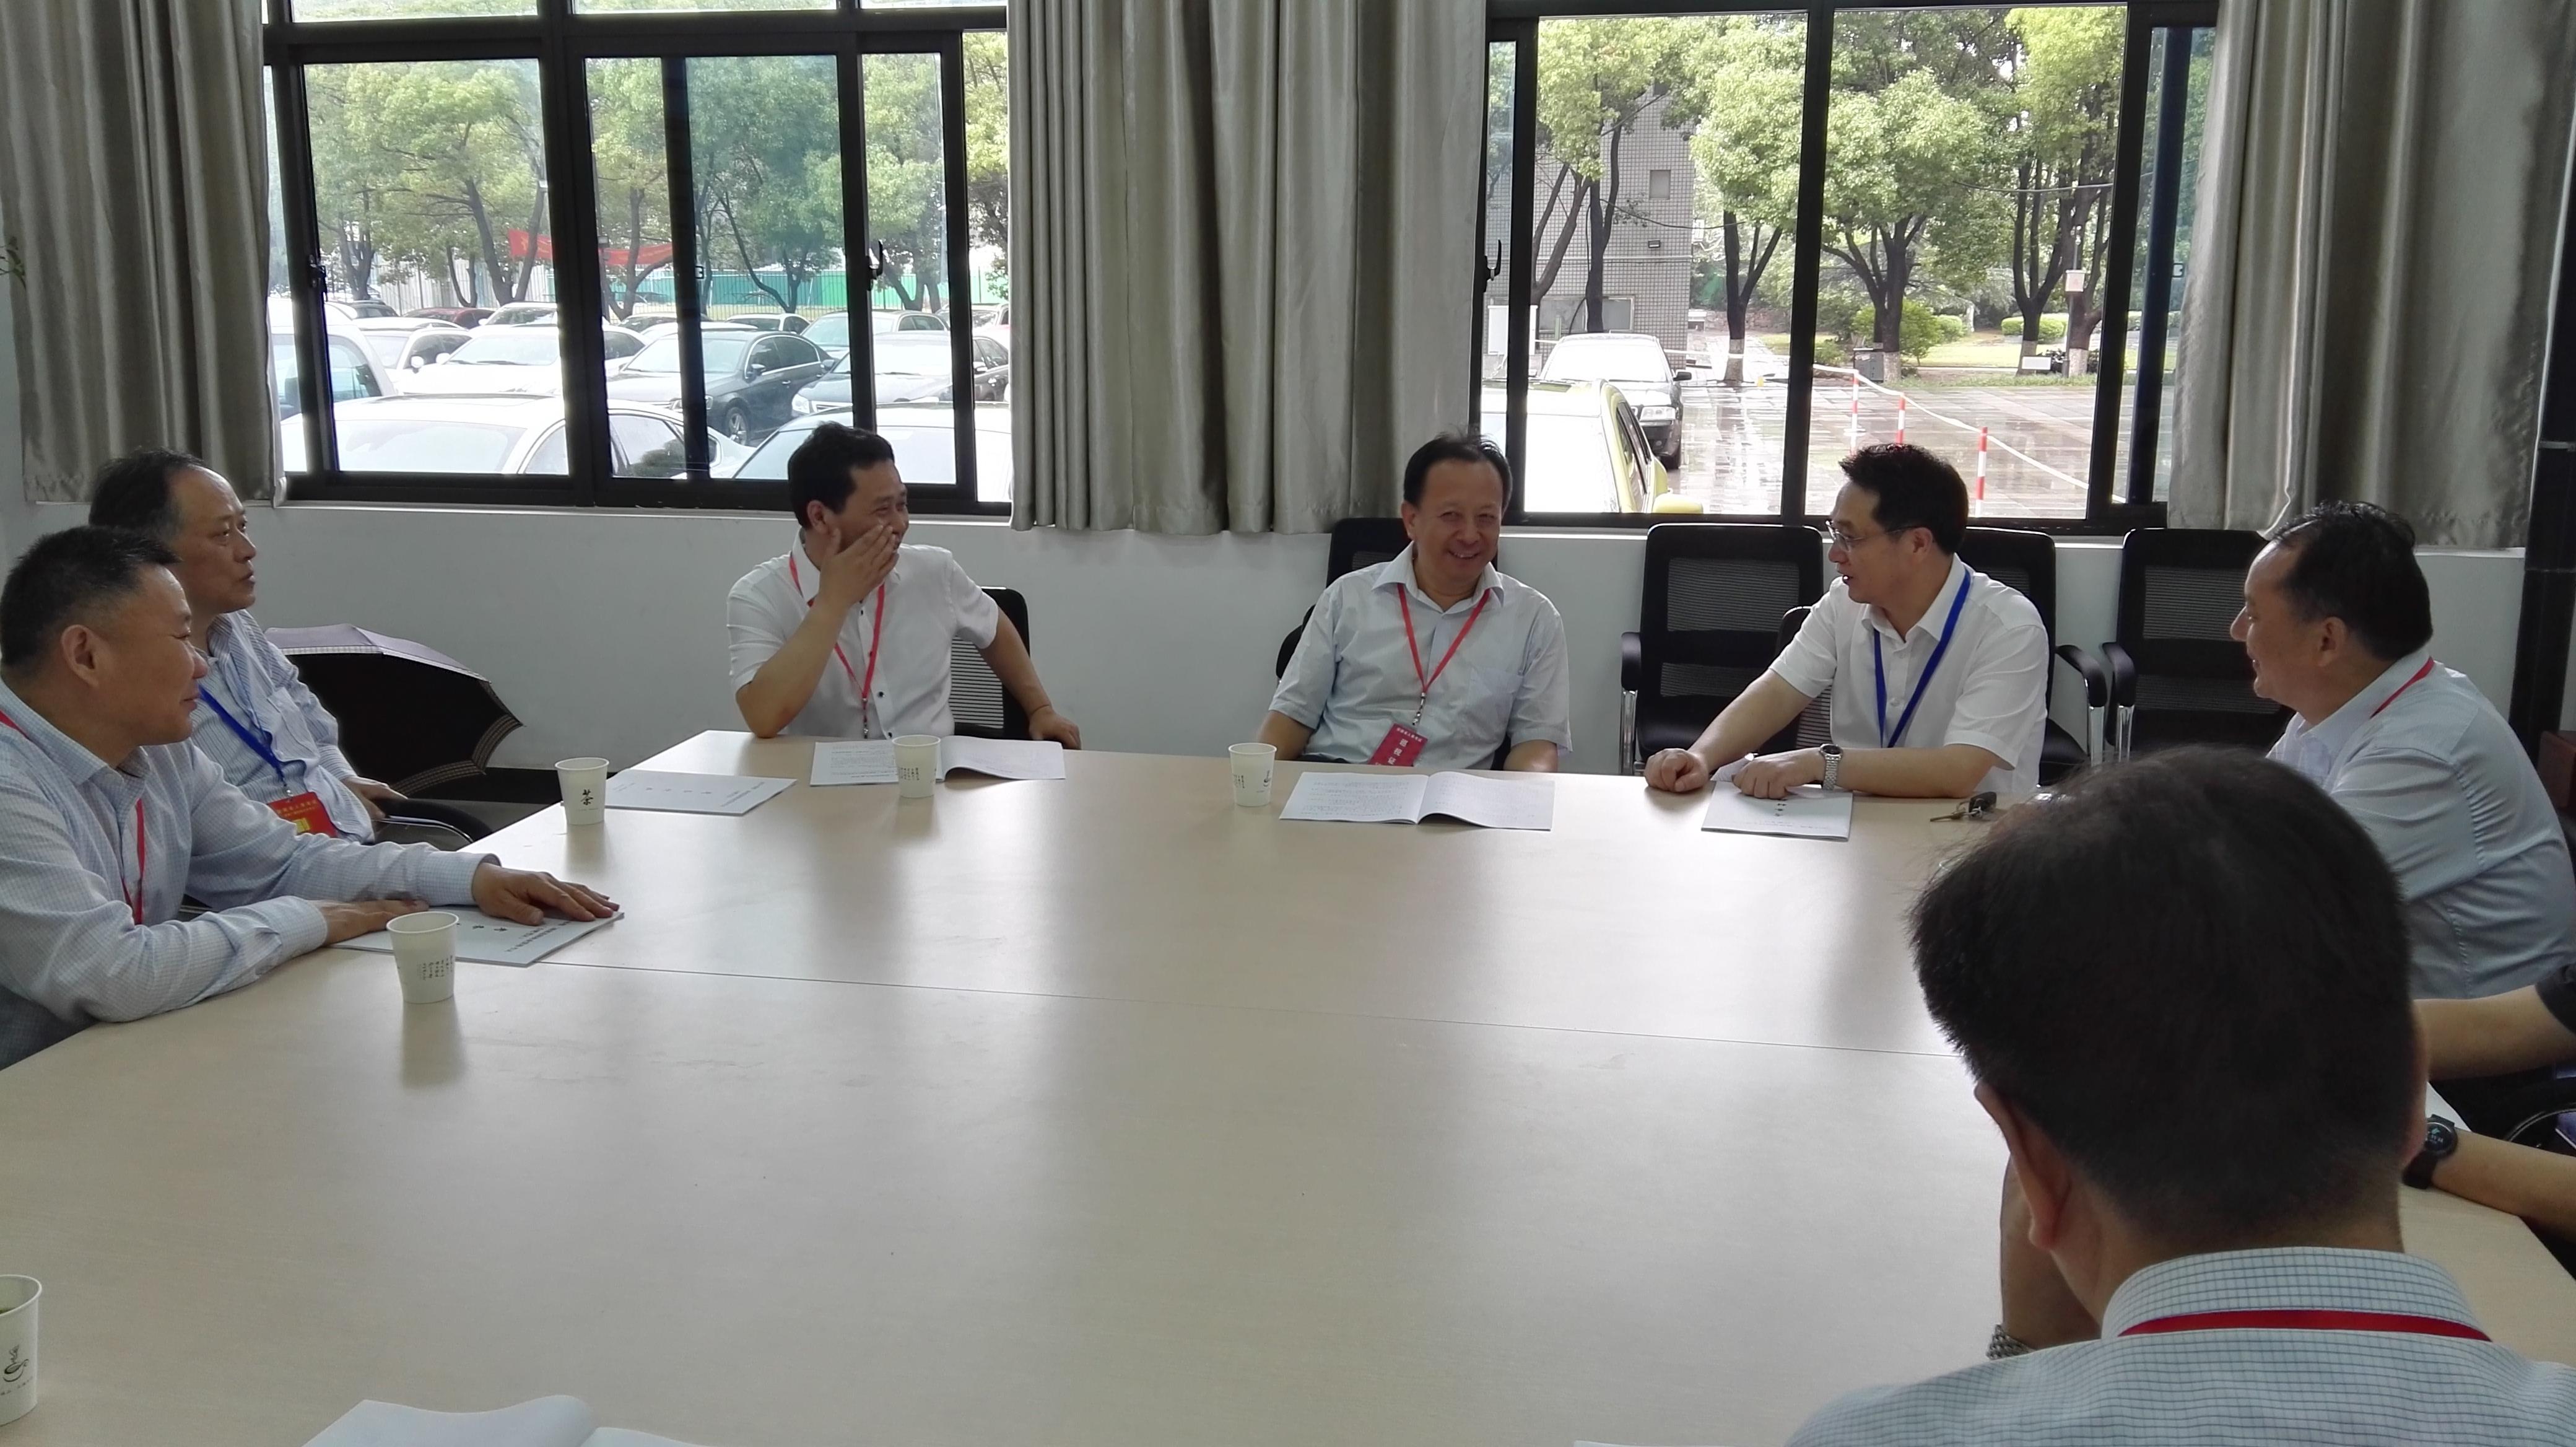 国家人社部人事考试中心主任吴剑英到校检查指导二建考试工作